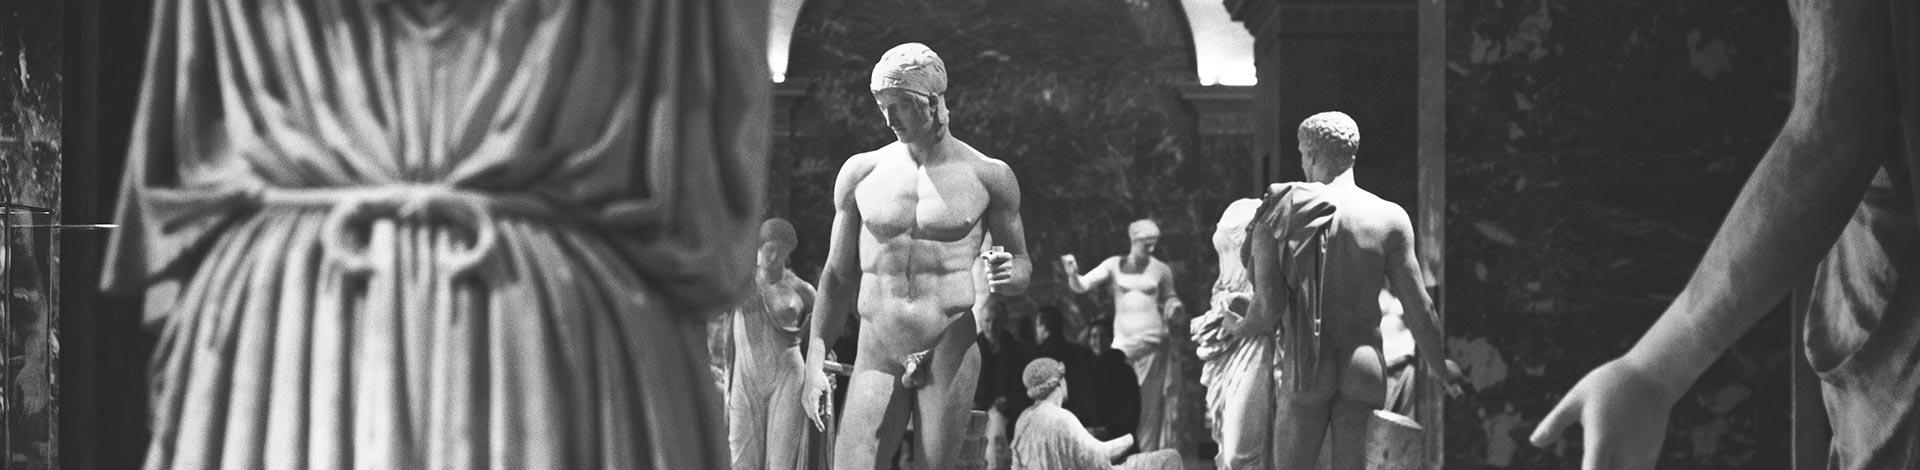 epoca-romana